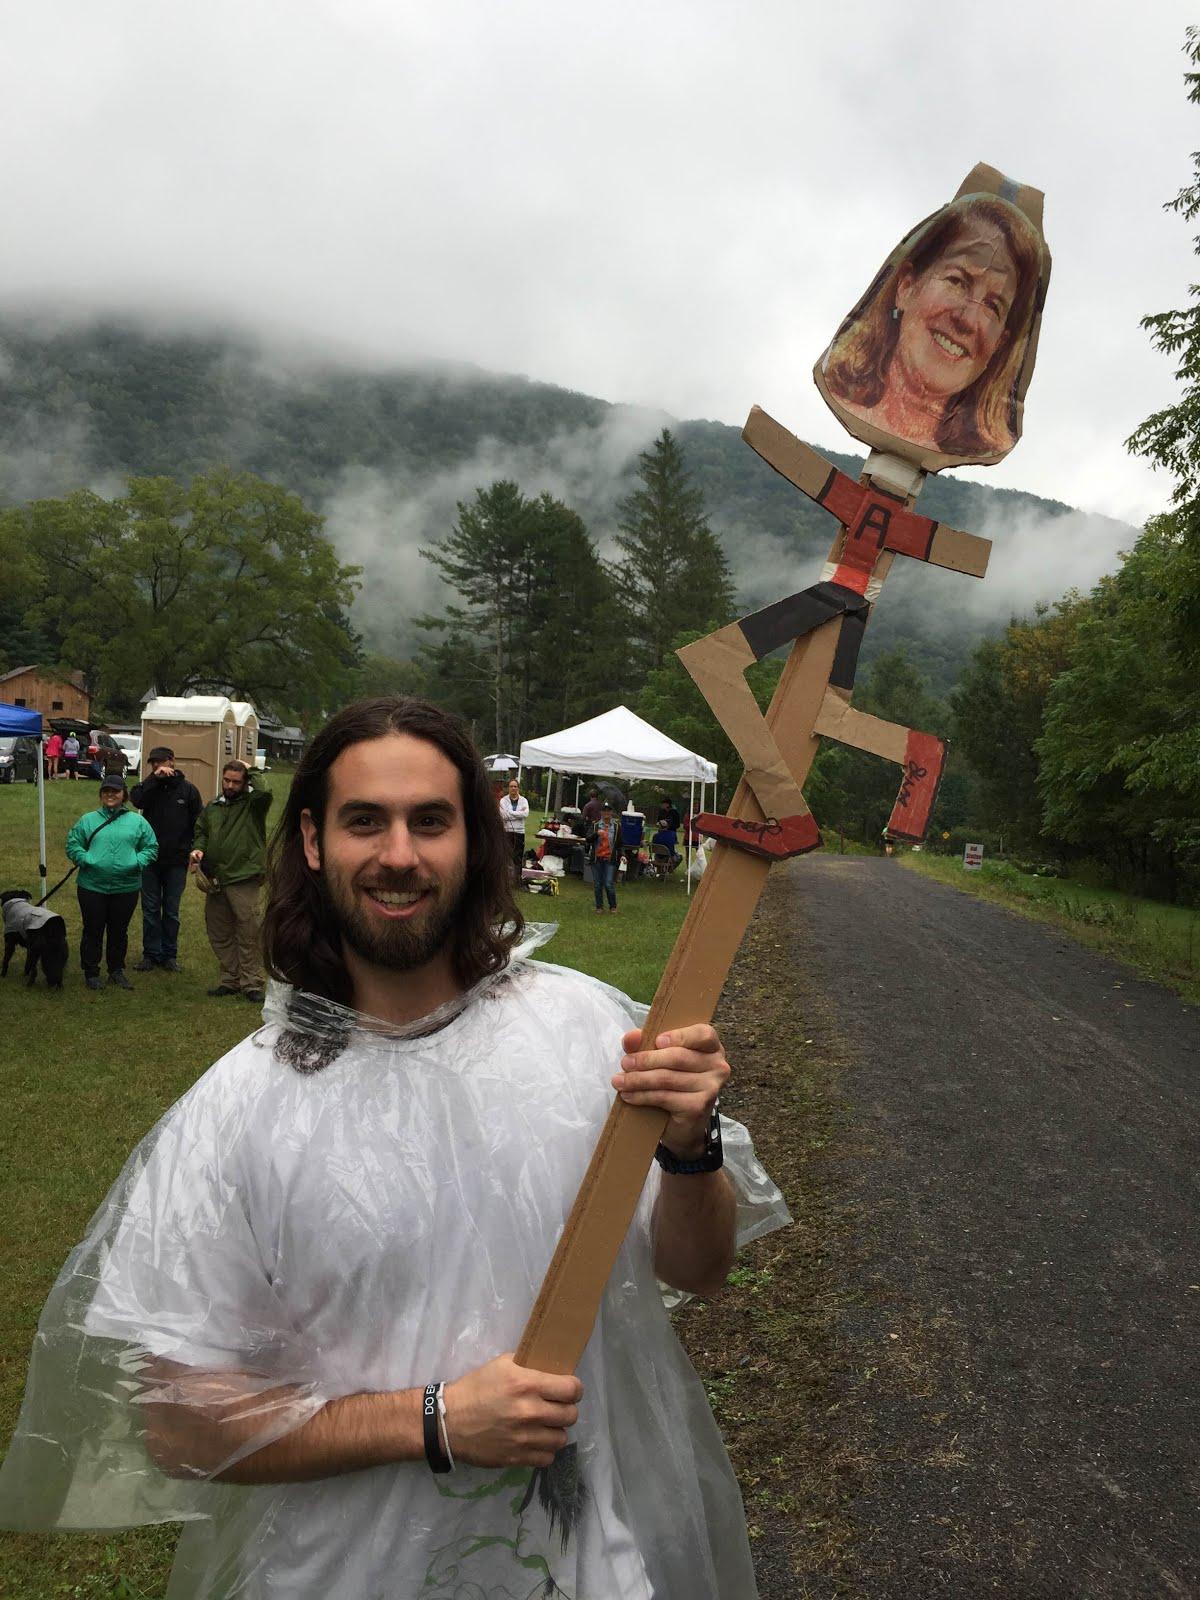 Amy on a Stick!